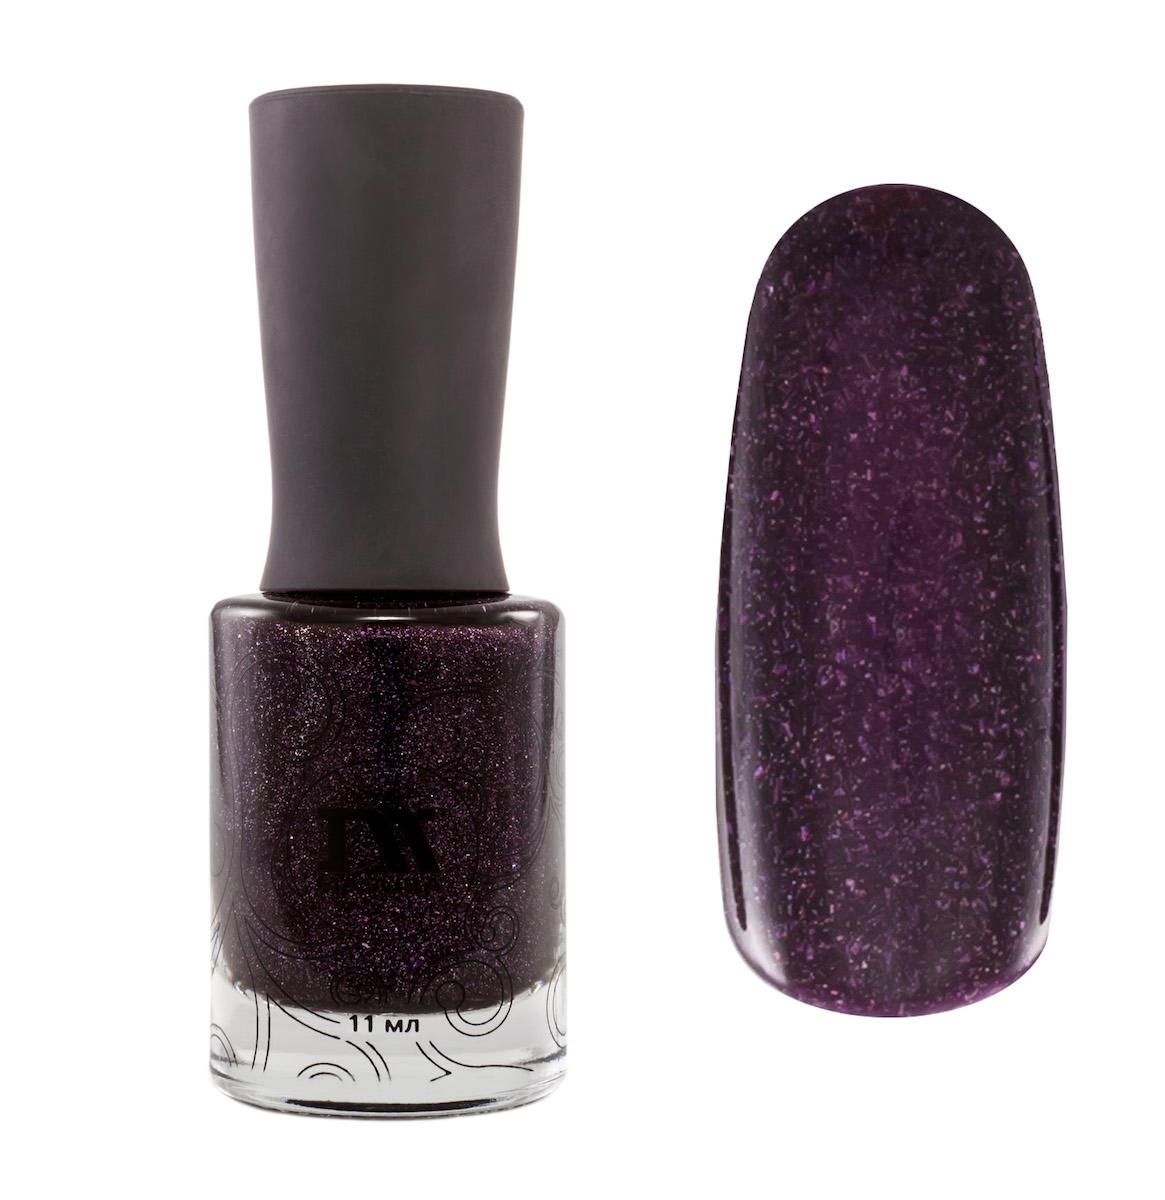 Masura Лак для ногтей Праздник Жизни,11 мл1033дымчато-фиолетовый голографический, с серебристым и голографическим холодным сиянием, шиммерный